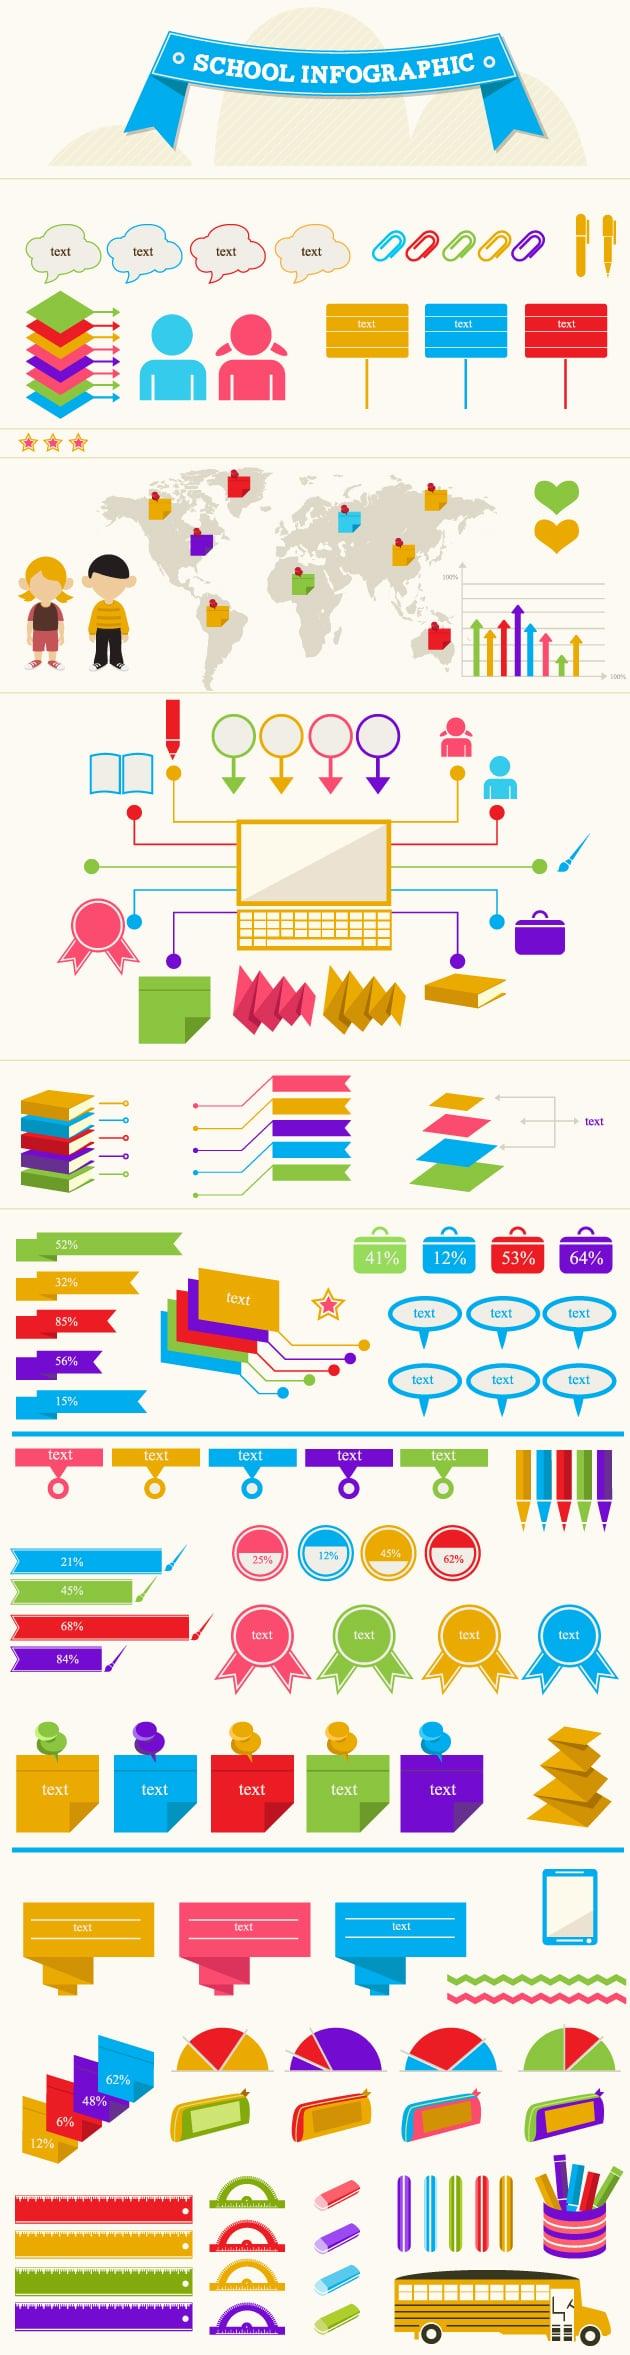 designtnt-school infographic-vector